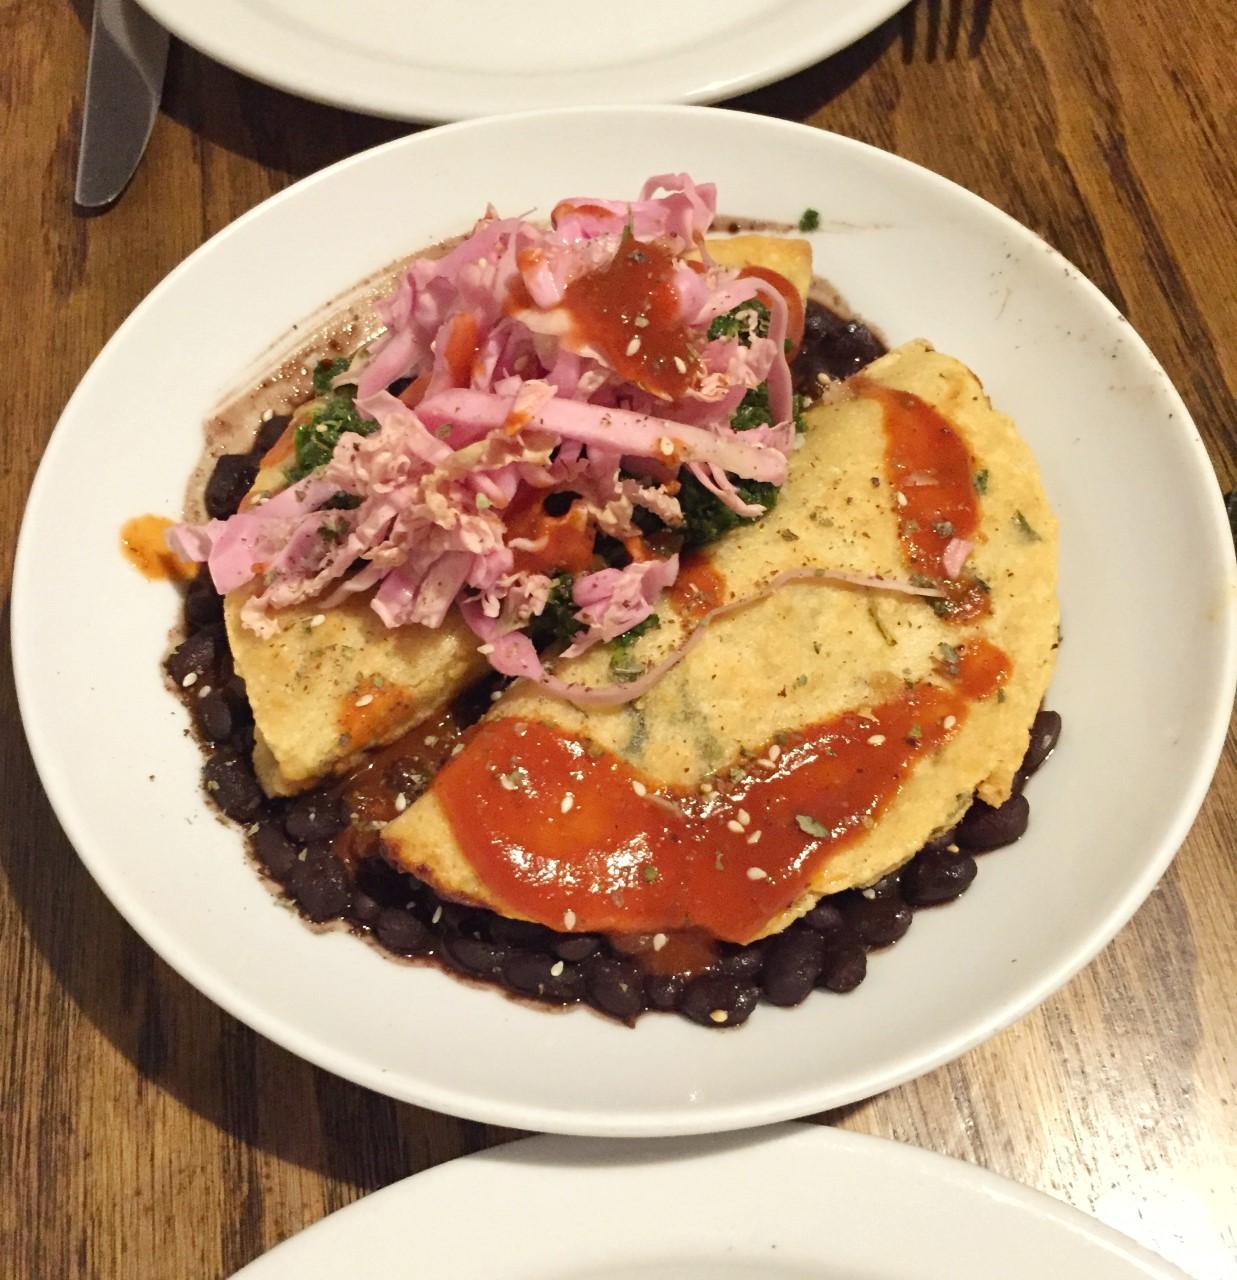 Picadillo Empanadas over cacao black beans